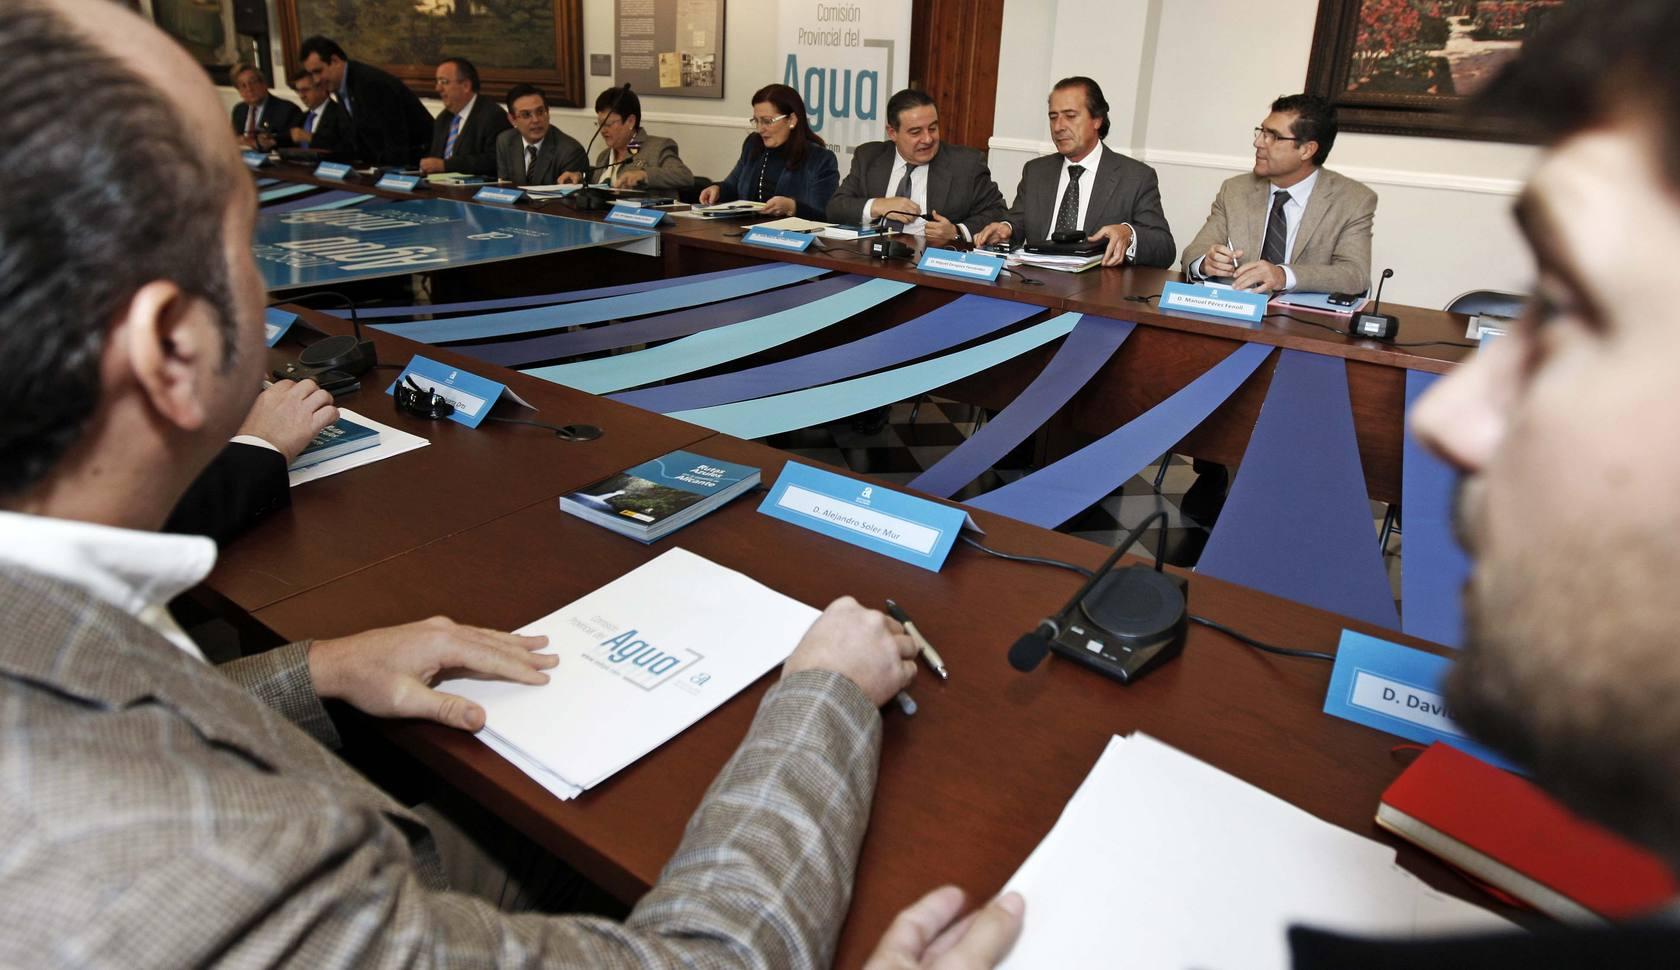 Reunión de la Mesa del Agua para tratar la situación hídrica de la provincia